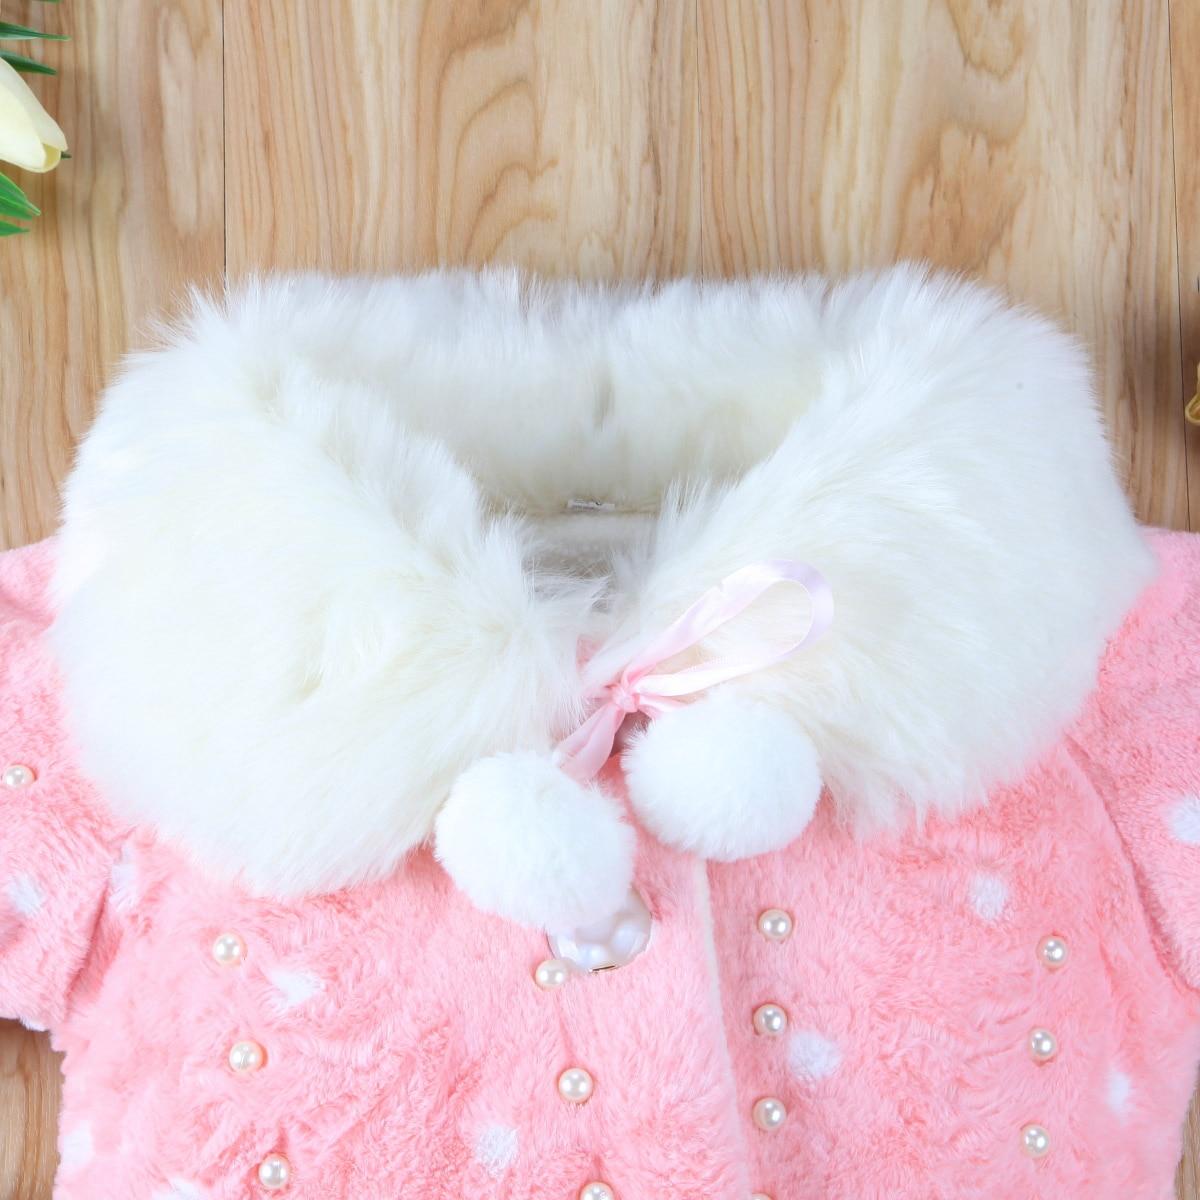 Newboan Baby Kids Girl Faux Fur Warm Coat Toddler Girls Bling Plush Winter Outwear Warming Kid Cute Thicken Coats Clothing